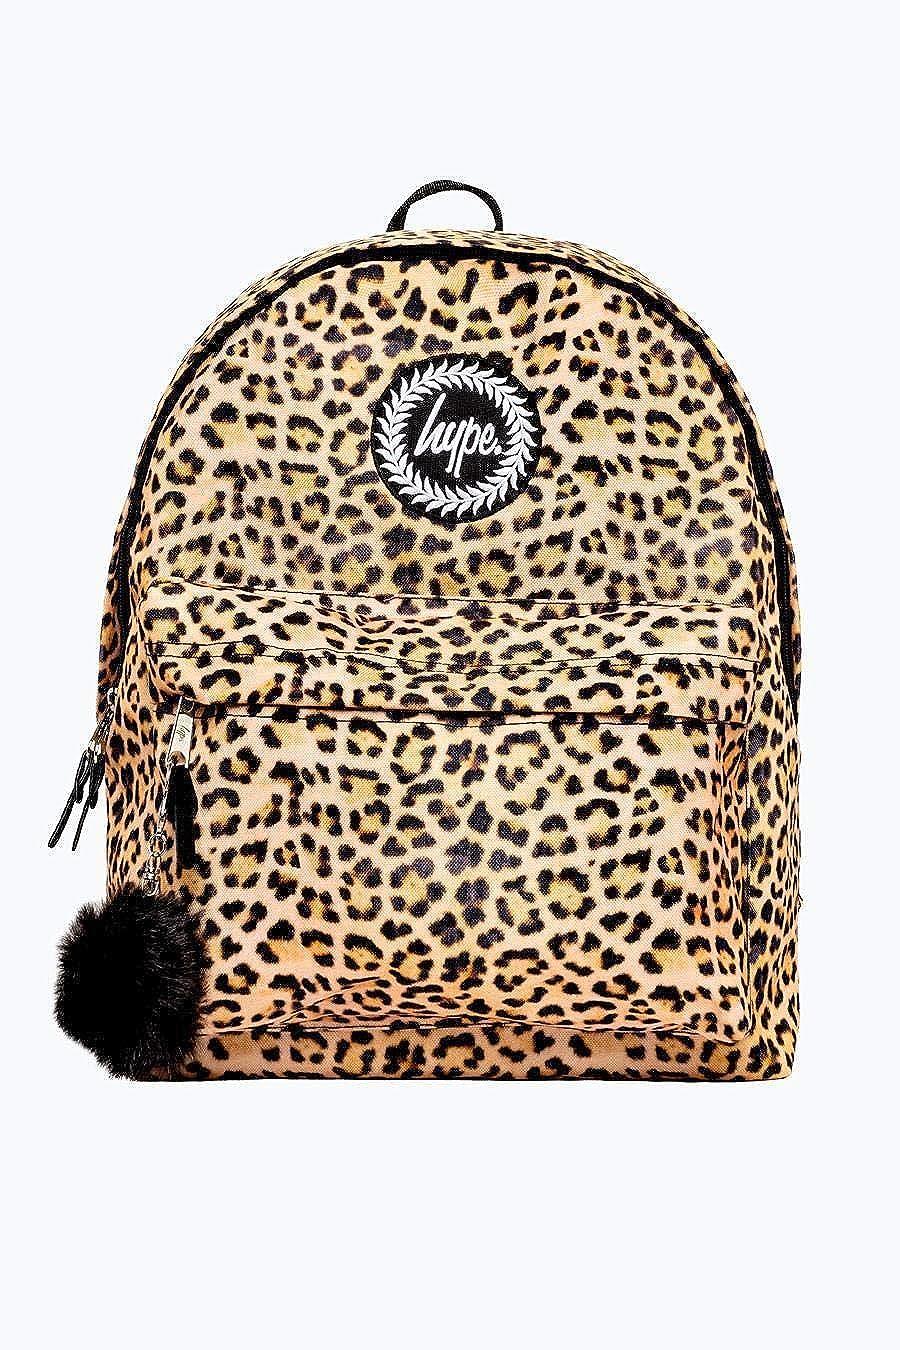 Leopard Pom Pom Neuf Automne Hiver 2018 Sacs /à Dos Beaucoup Nouvelles Couleurs /& Designs AW-2018 Collection Hype Sac /à Dos Sacs Choisissez Votre Favori Cartable One Size